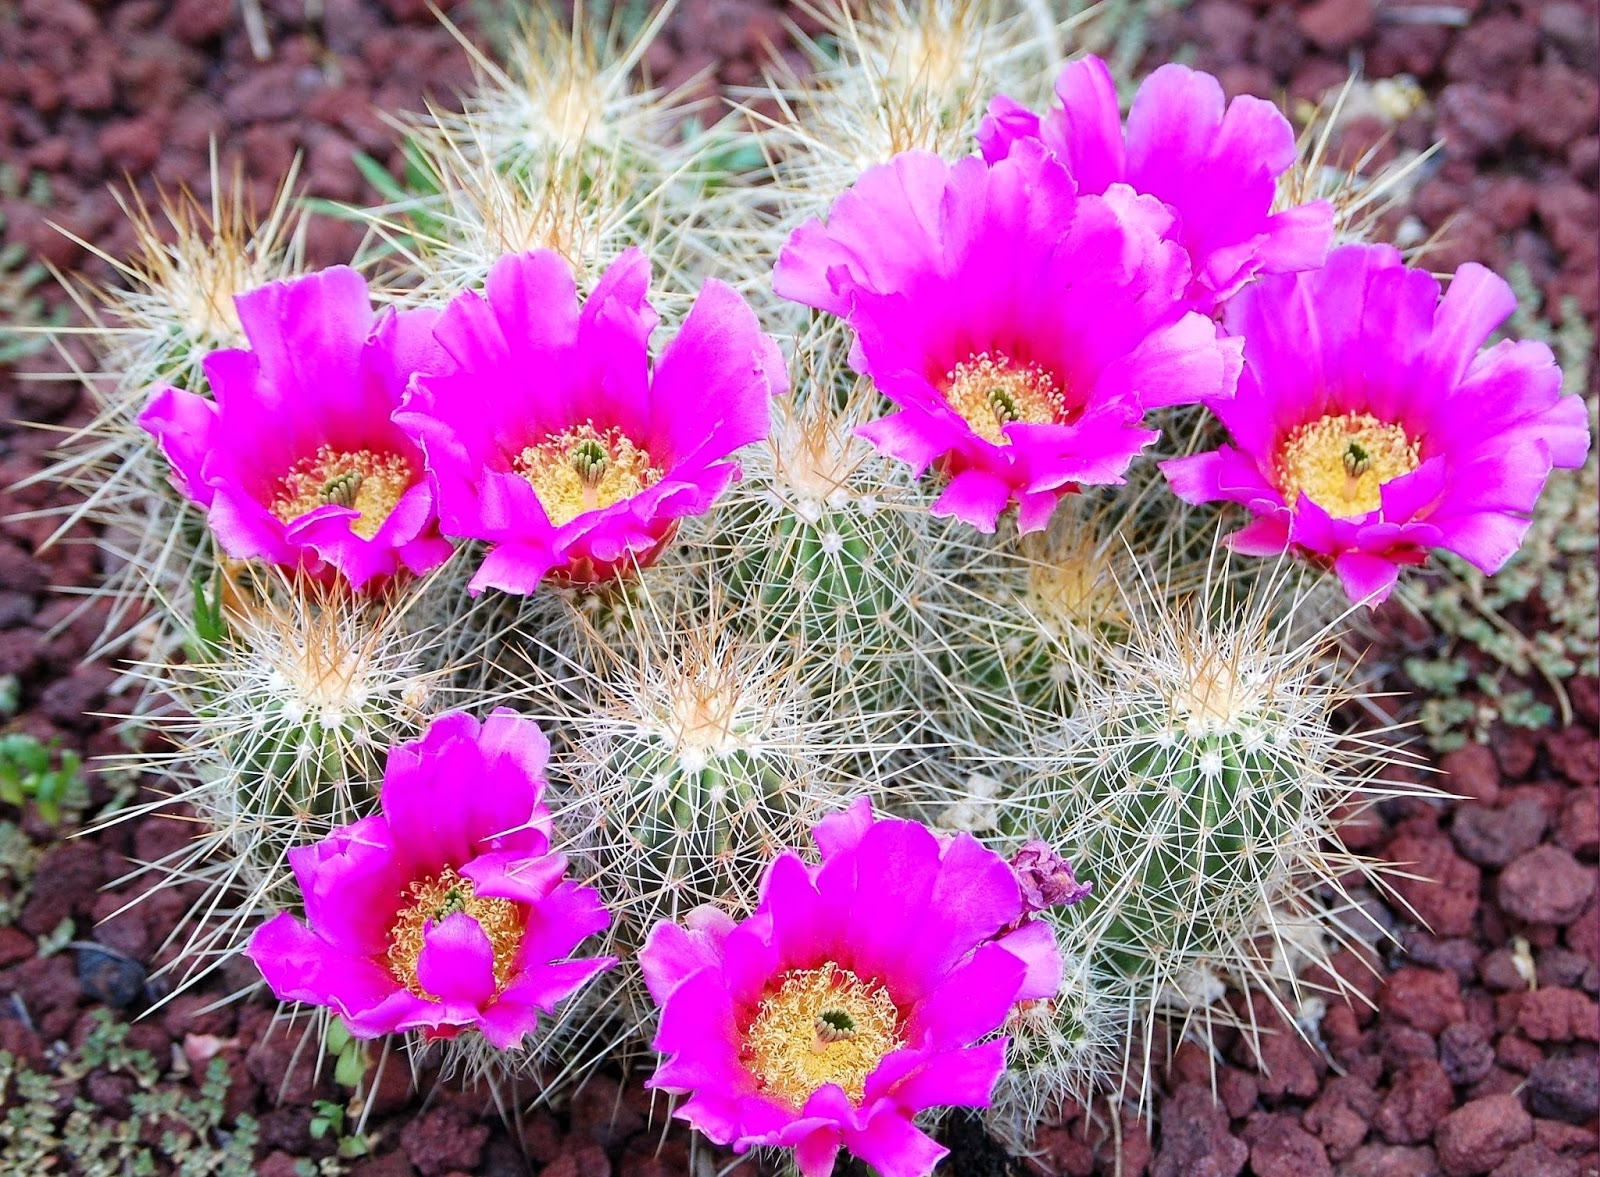 Cactus_Flowers-1